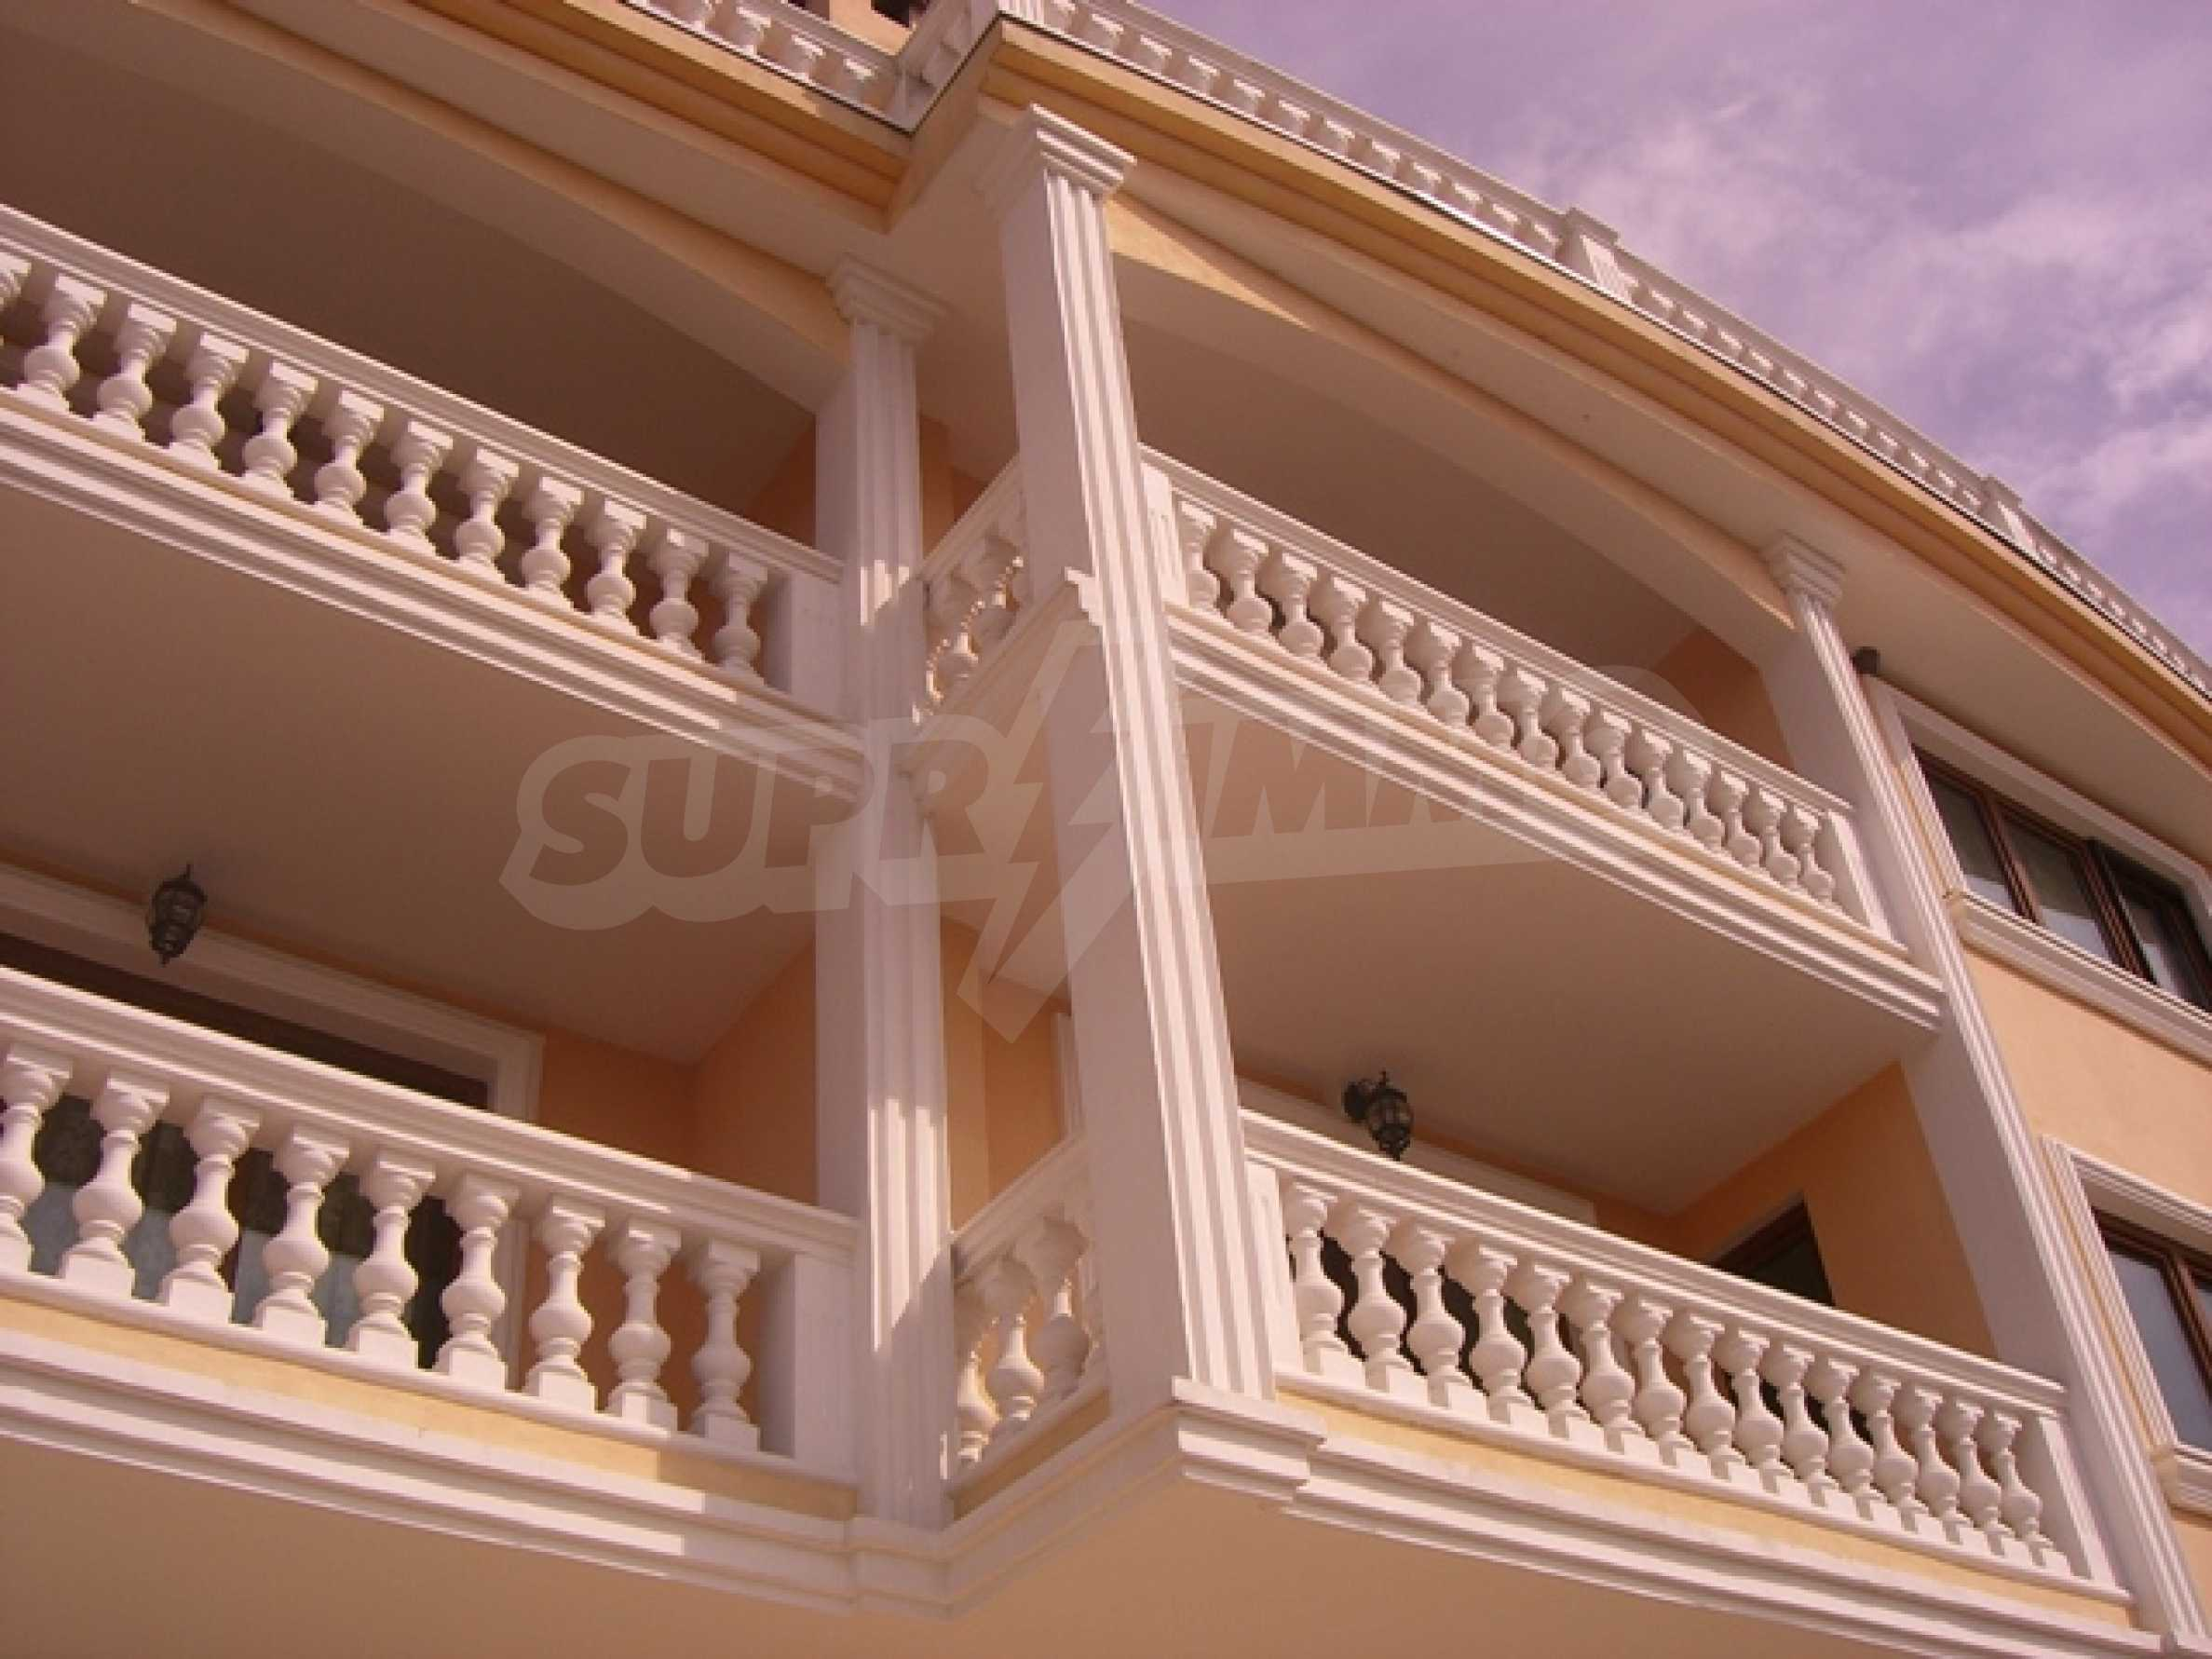 Residenz bulgarischen Traumhaus 65